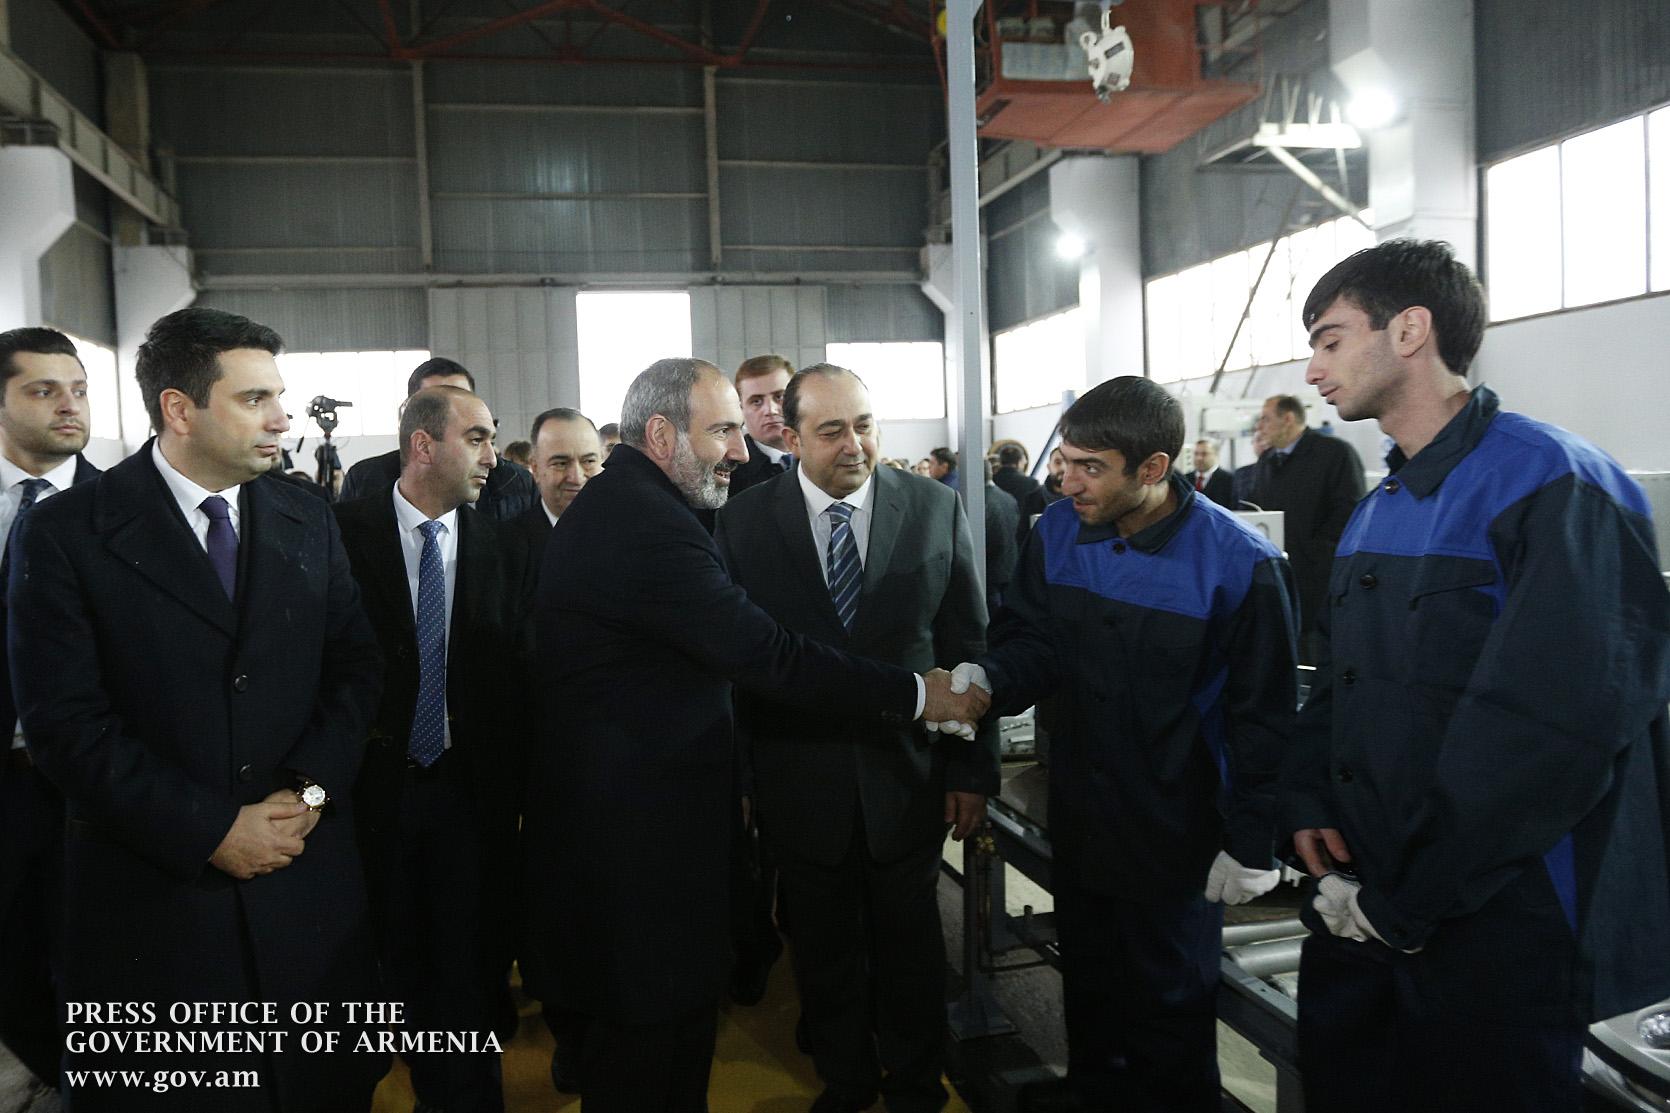 Հայաստանում բացվել է գործարան, որը կարտադրի լվացքի մեքենա, սառնարան, հեռուստացույց և այլը․(լուսանկարներ)